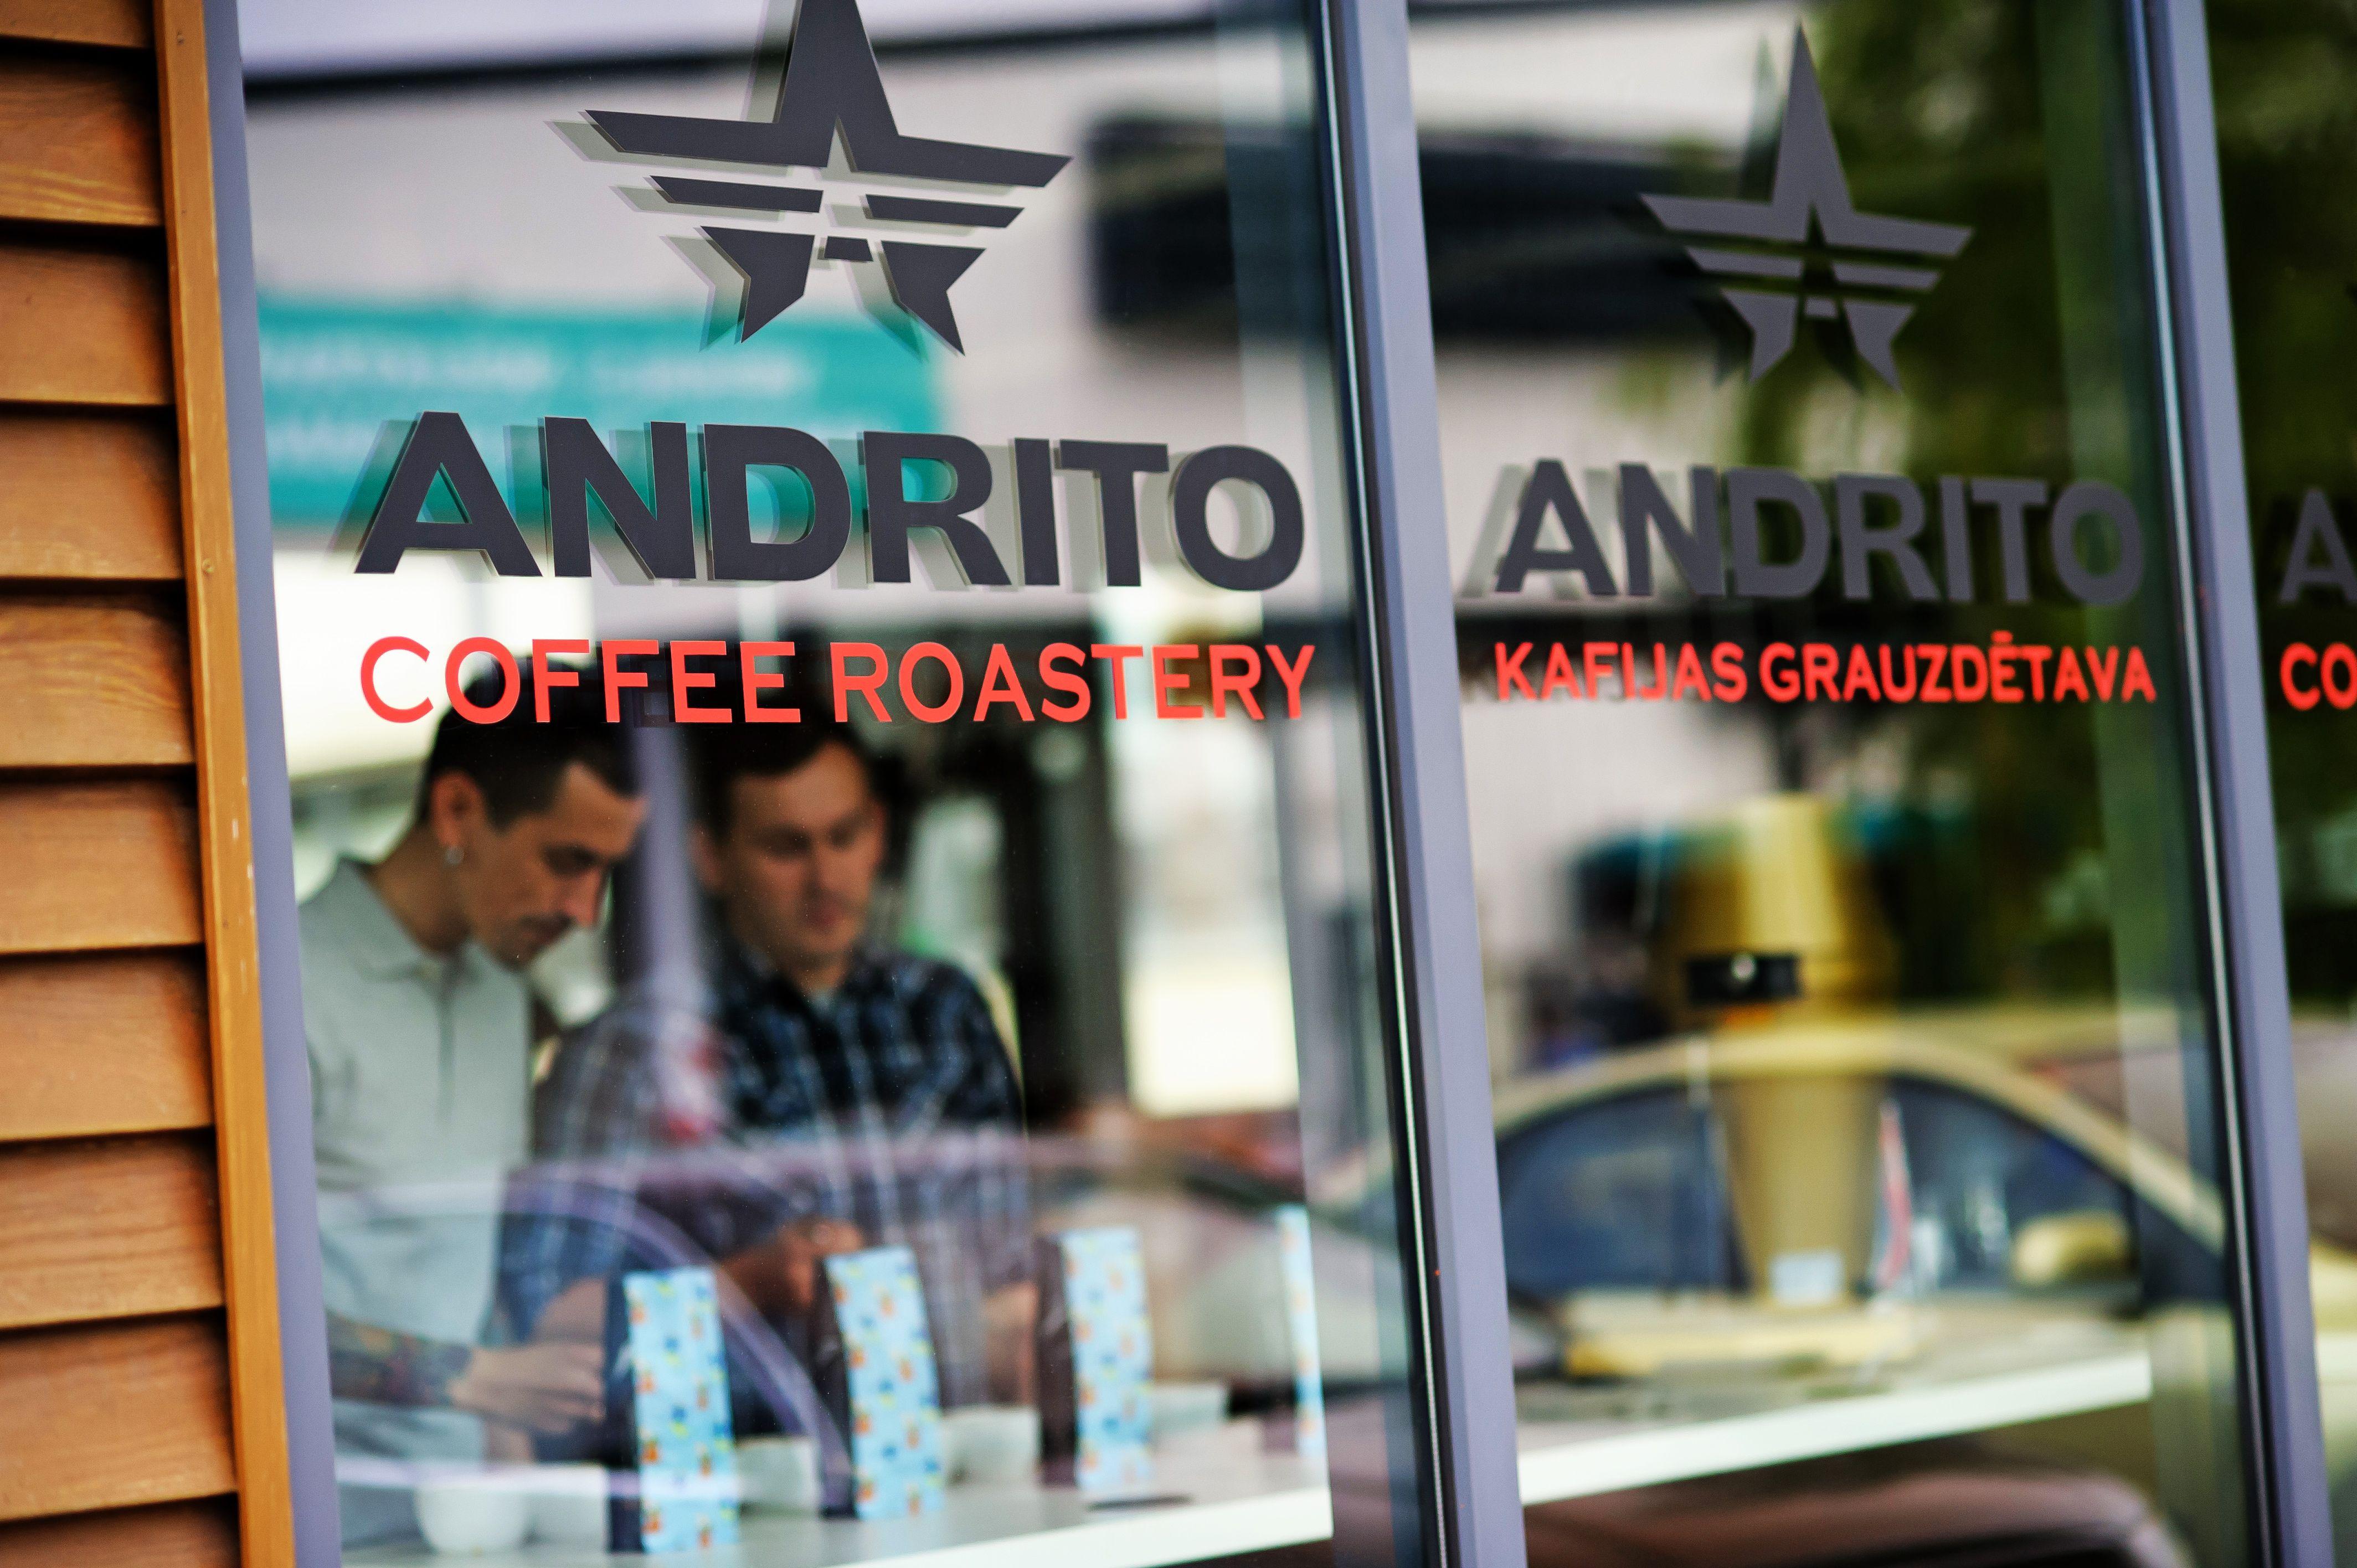 Andrito Coffee Roastery